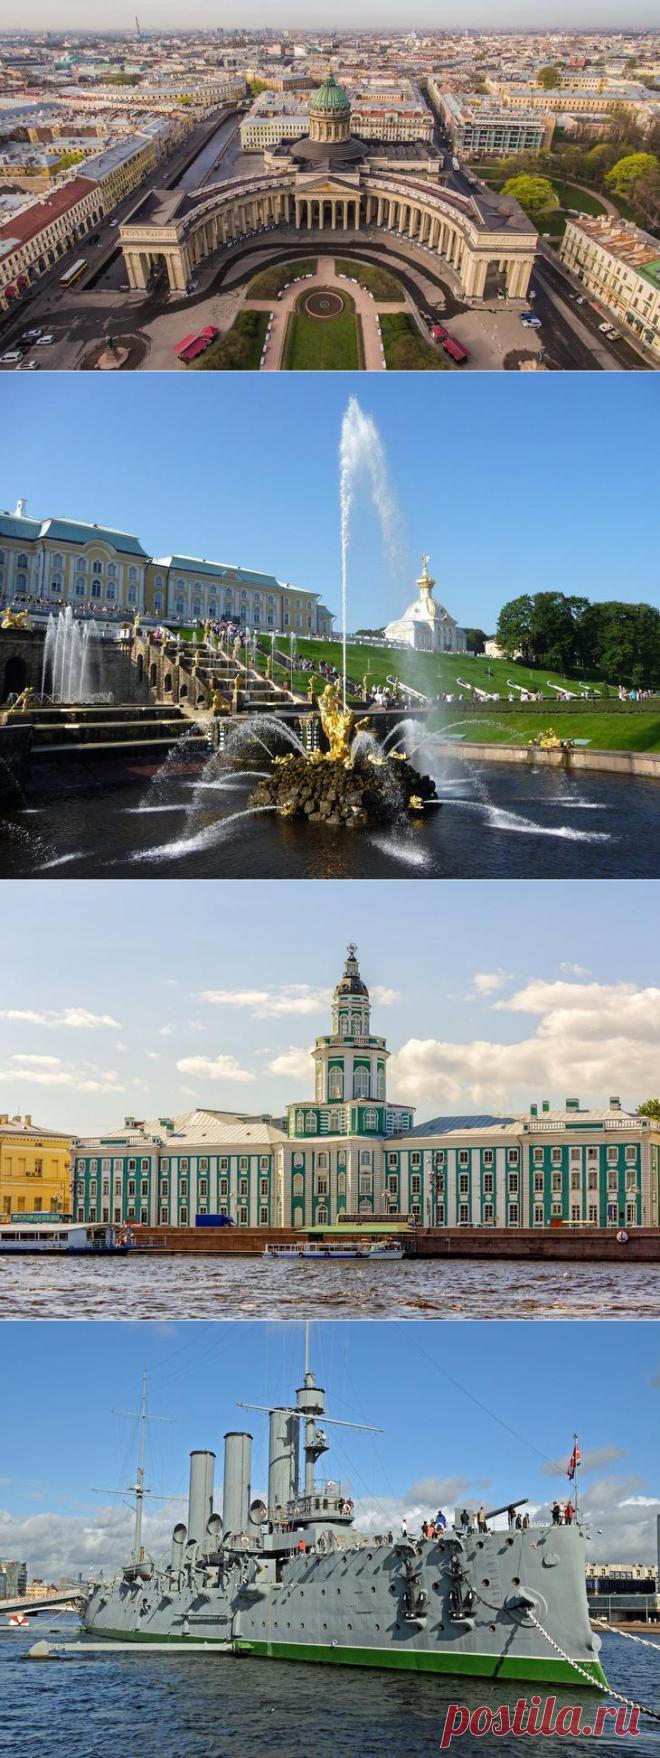 ЦВК ЭКСПОЦЕНТР международные выставки и конгрессы  Москва